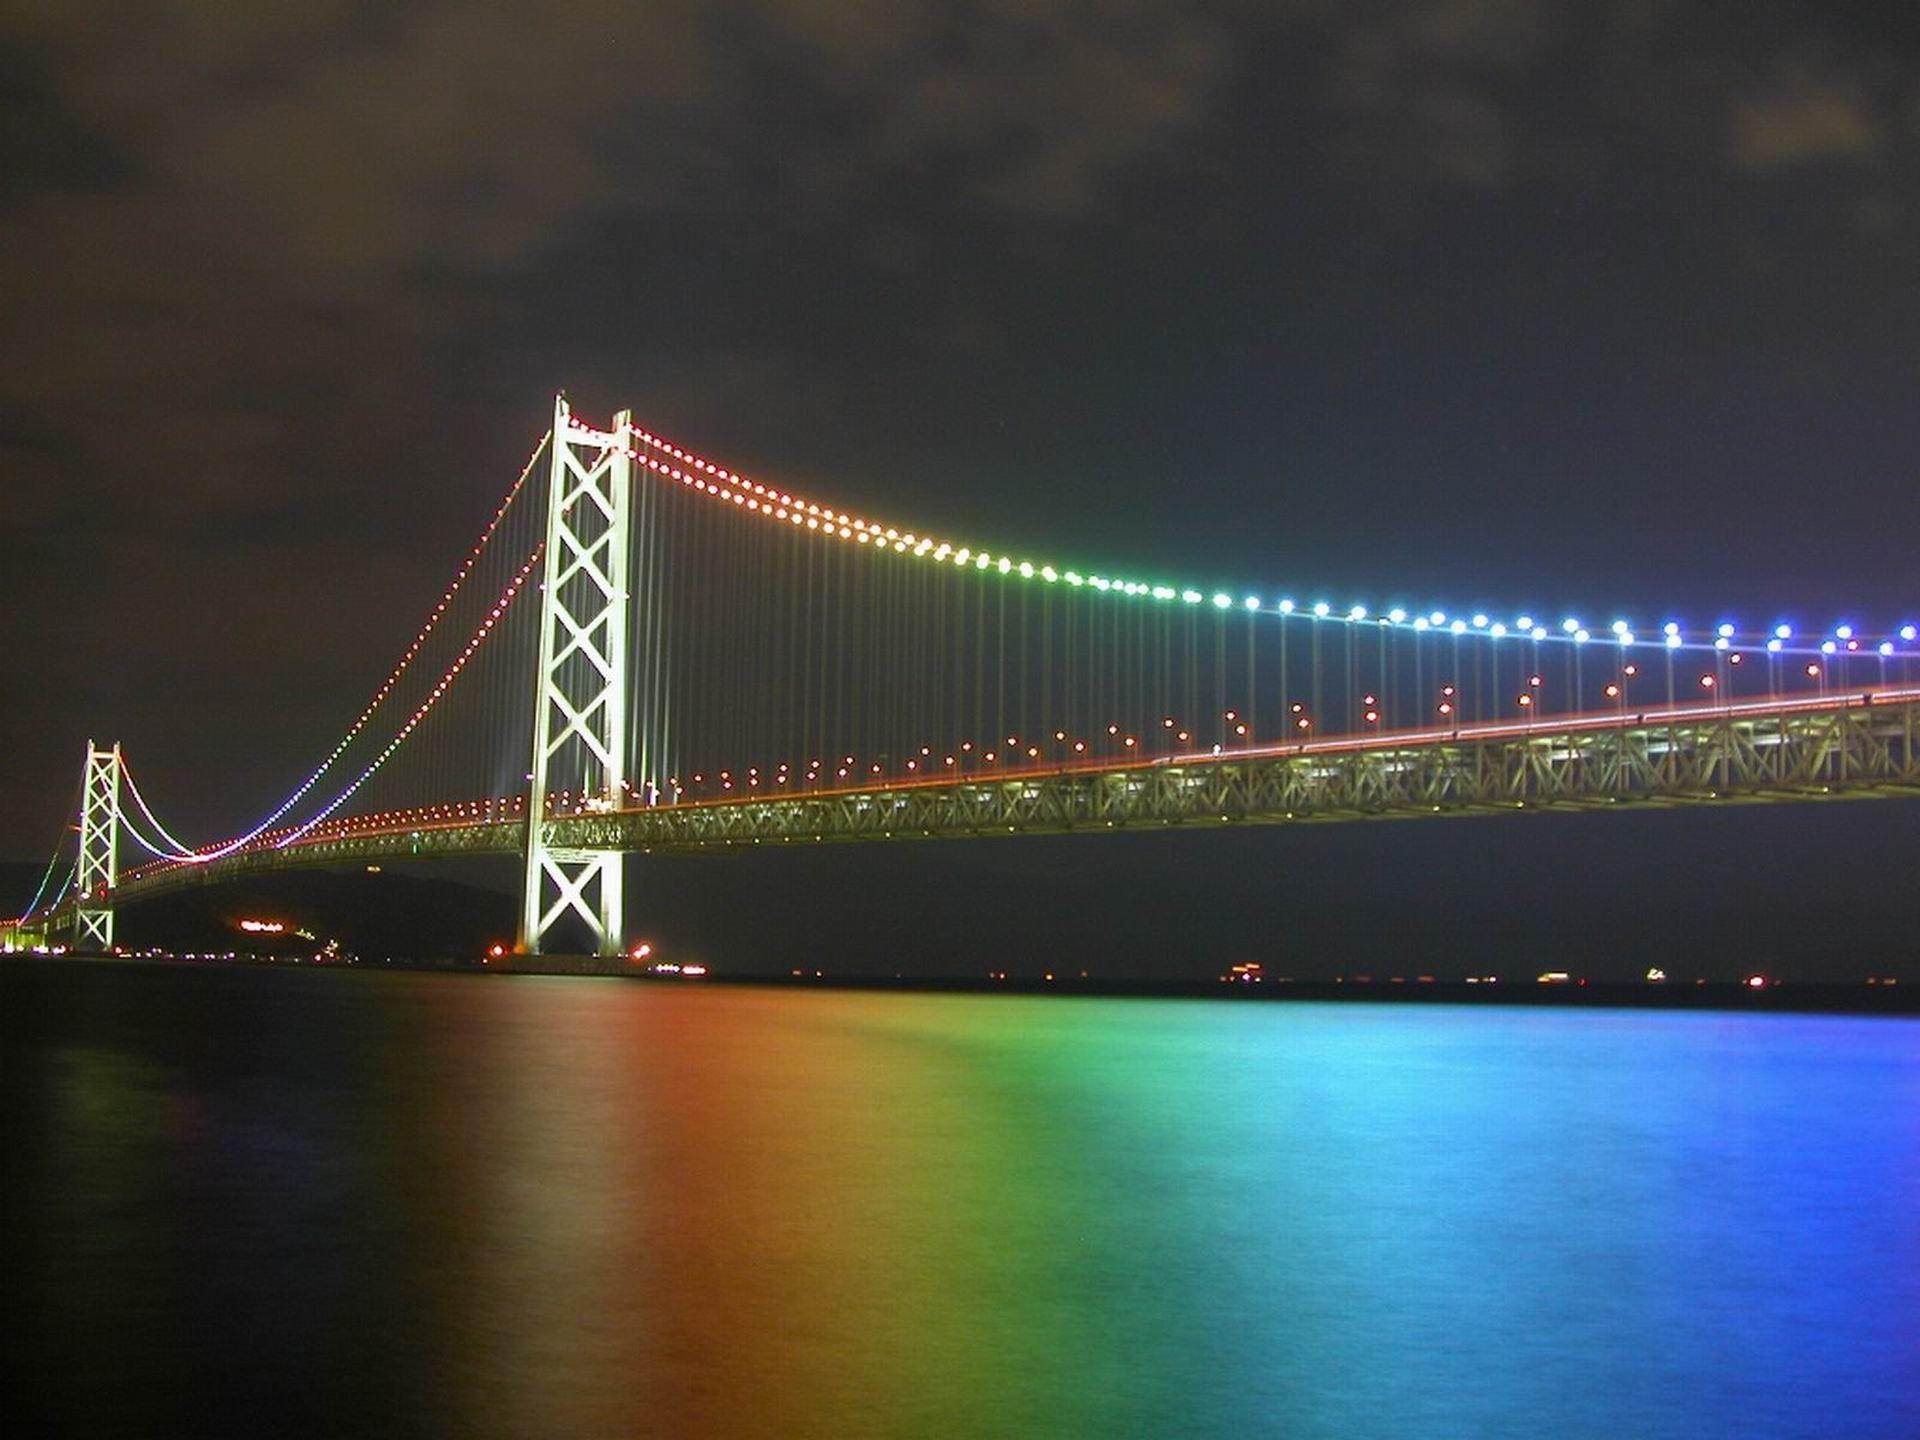 7000892-akashi-kaikyo-bridge-japan